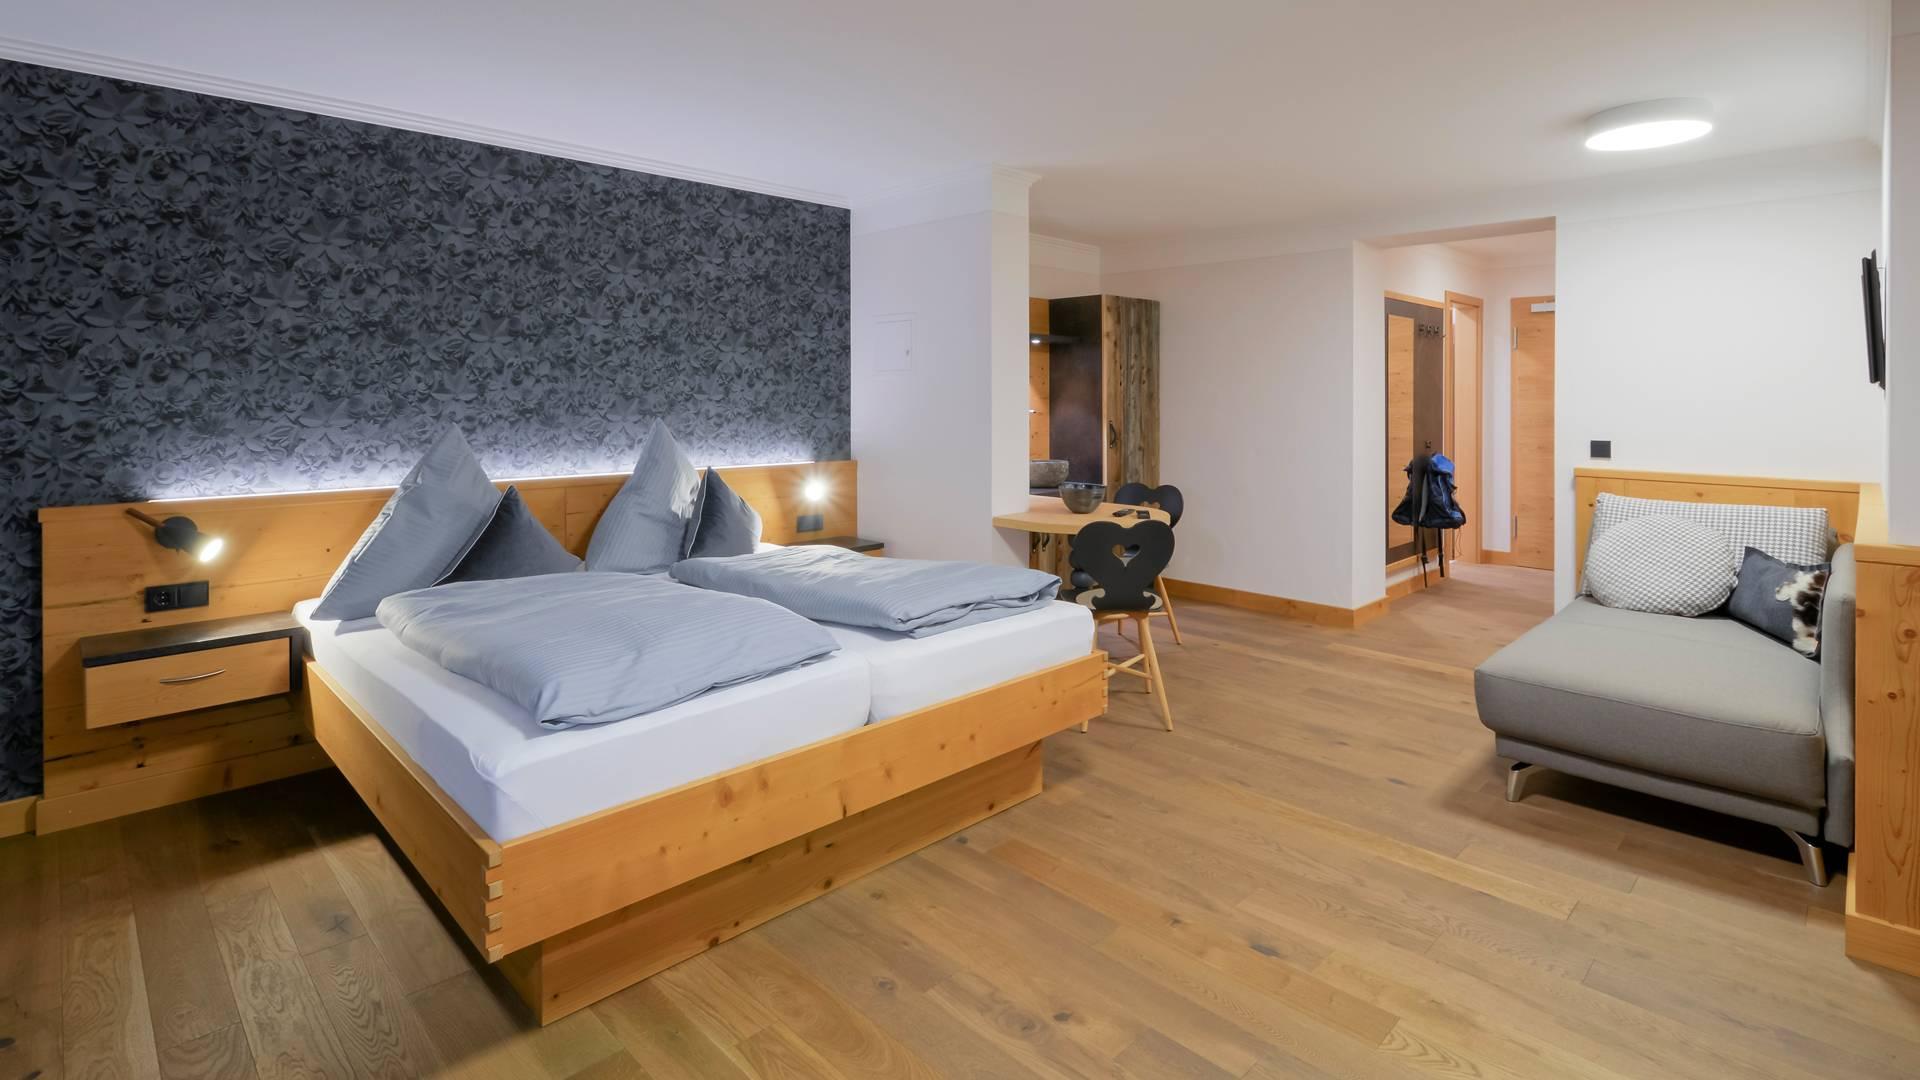 premiumzimmer seegrund mit seeterrasse boutique hotel dreim derlhaus weissensee bei. Black Bedroom Furniture Sets. Home Design Ideas